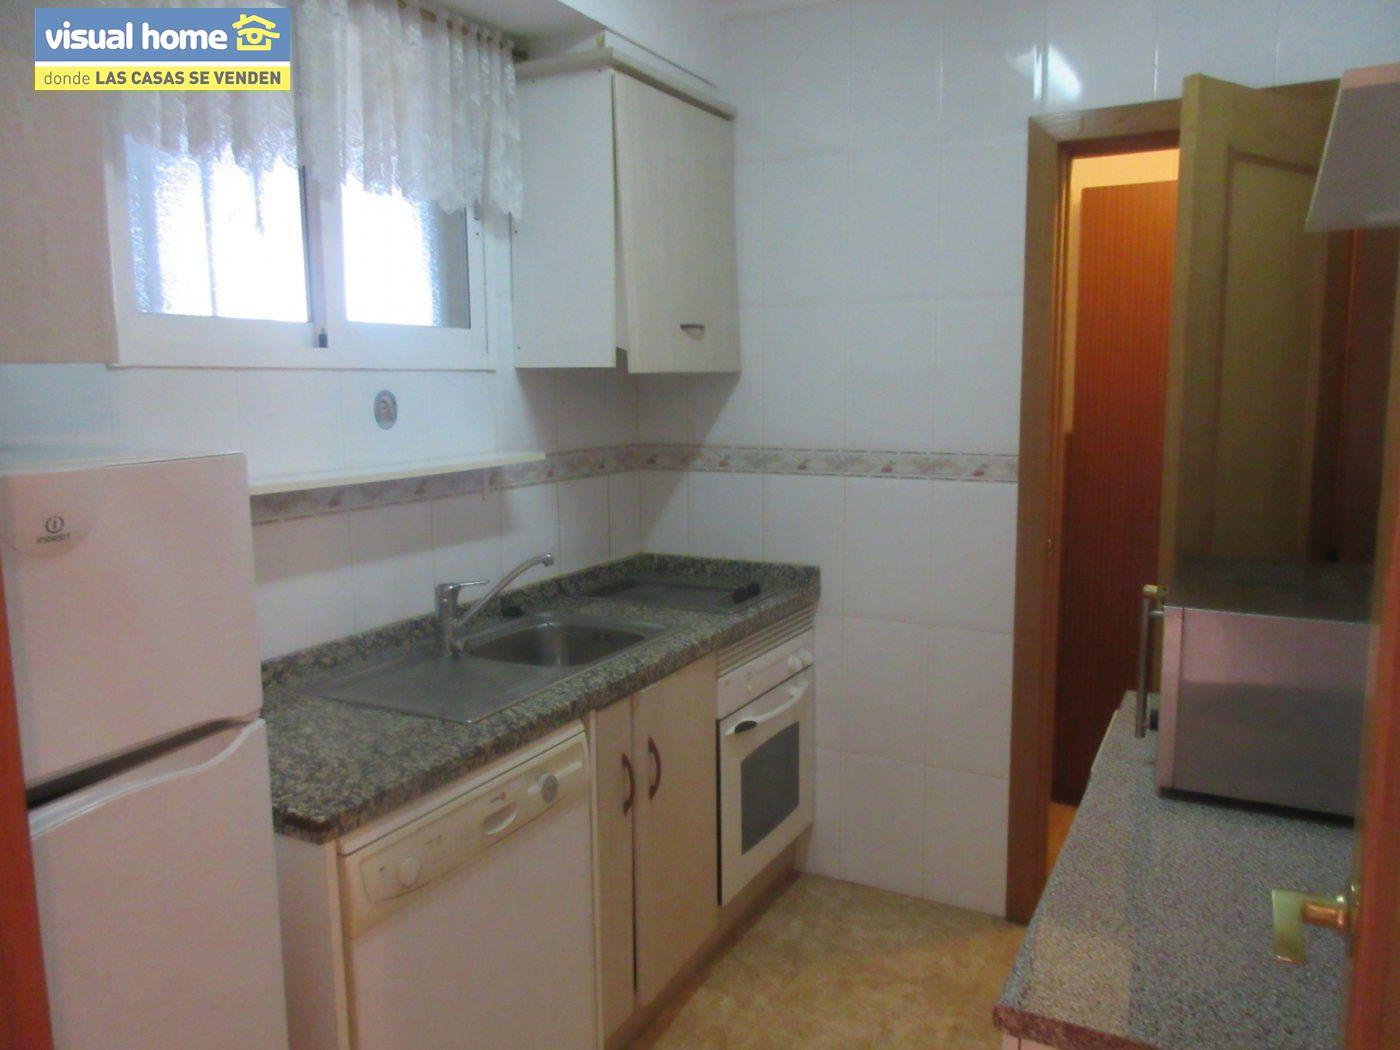 Apartamento 1 dormitorio con vistas espectaculares con parking y piscina en Rincón de Loix llano 10